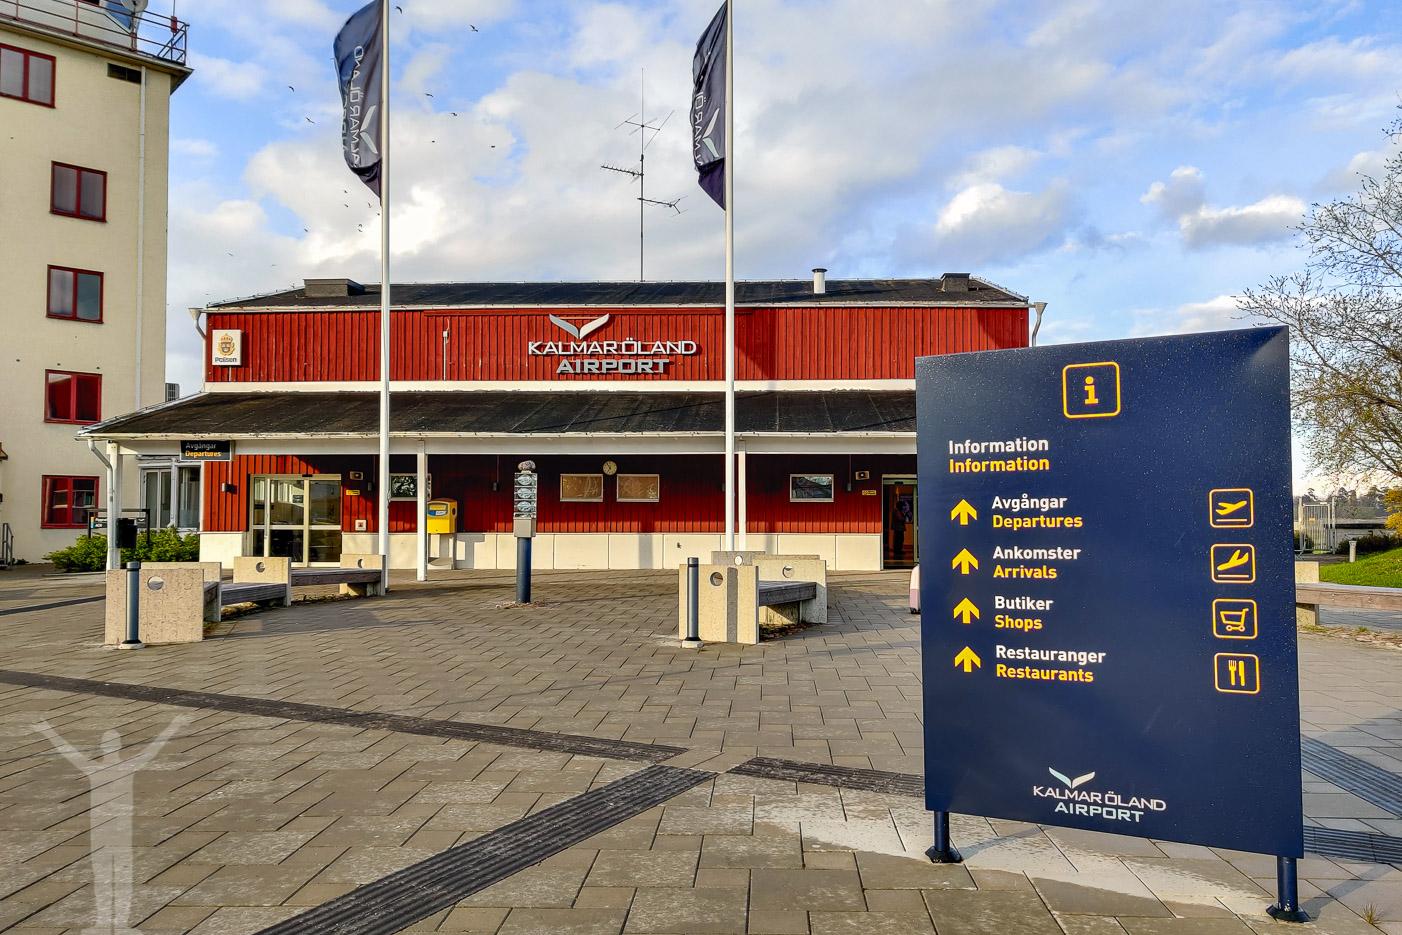 Kalmar Öland Airport